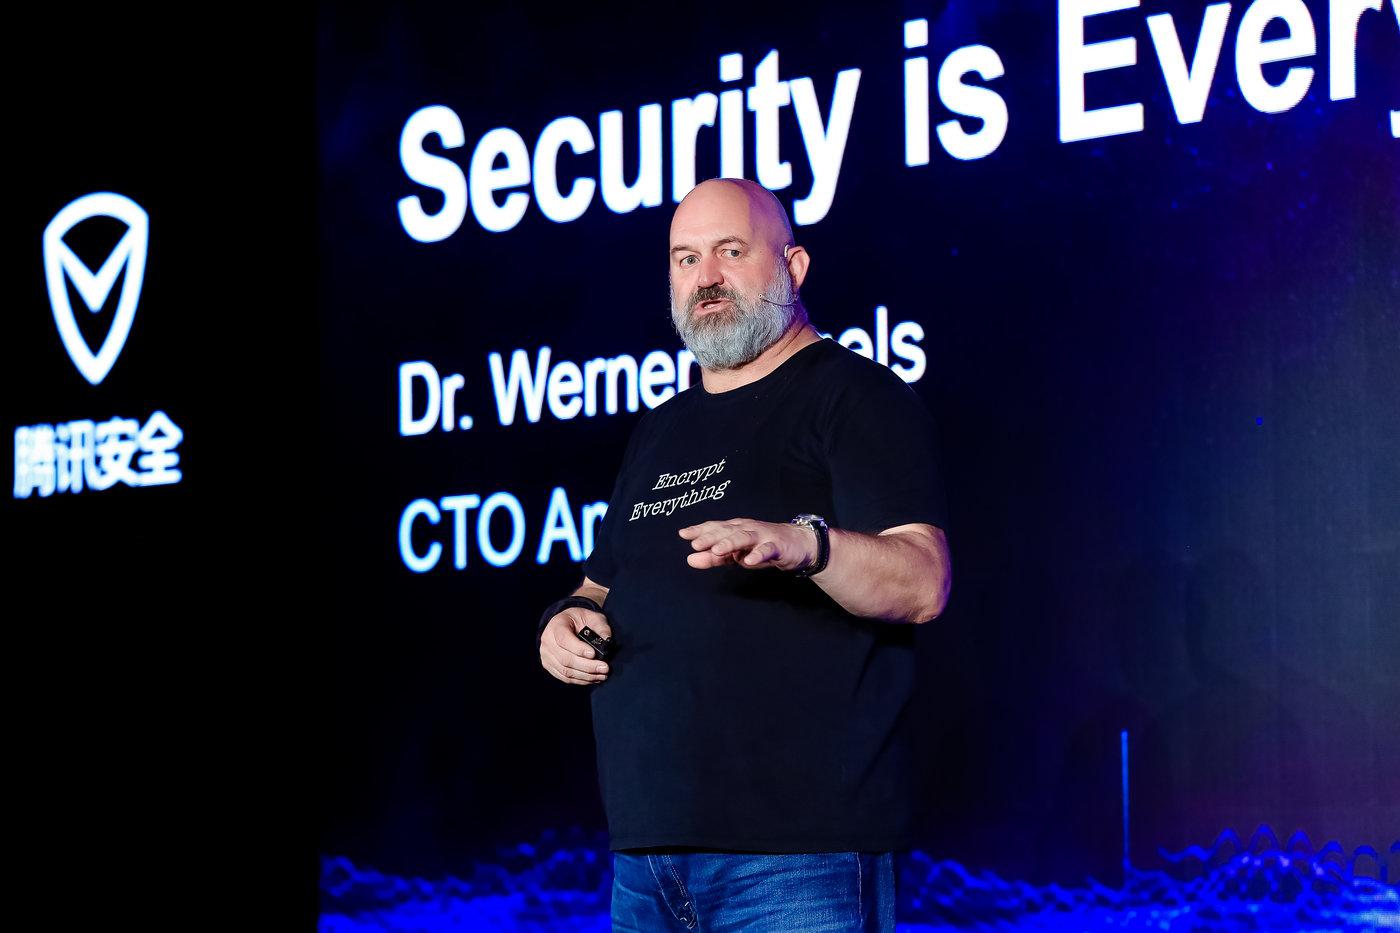 亚马逊首席技术官、副总裁Werner Vogels在CSS上的演讲